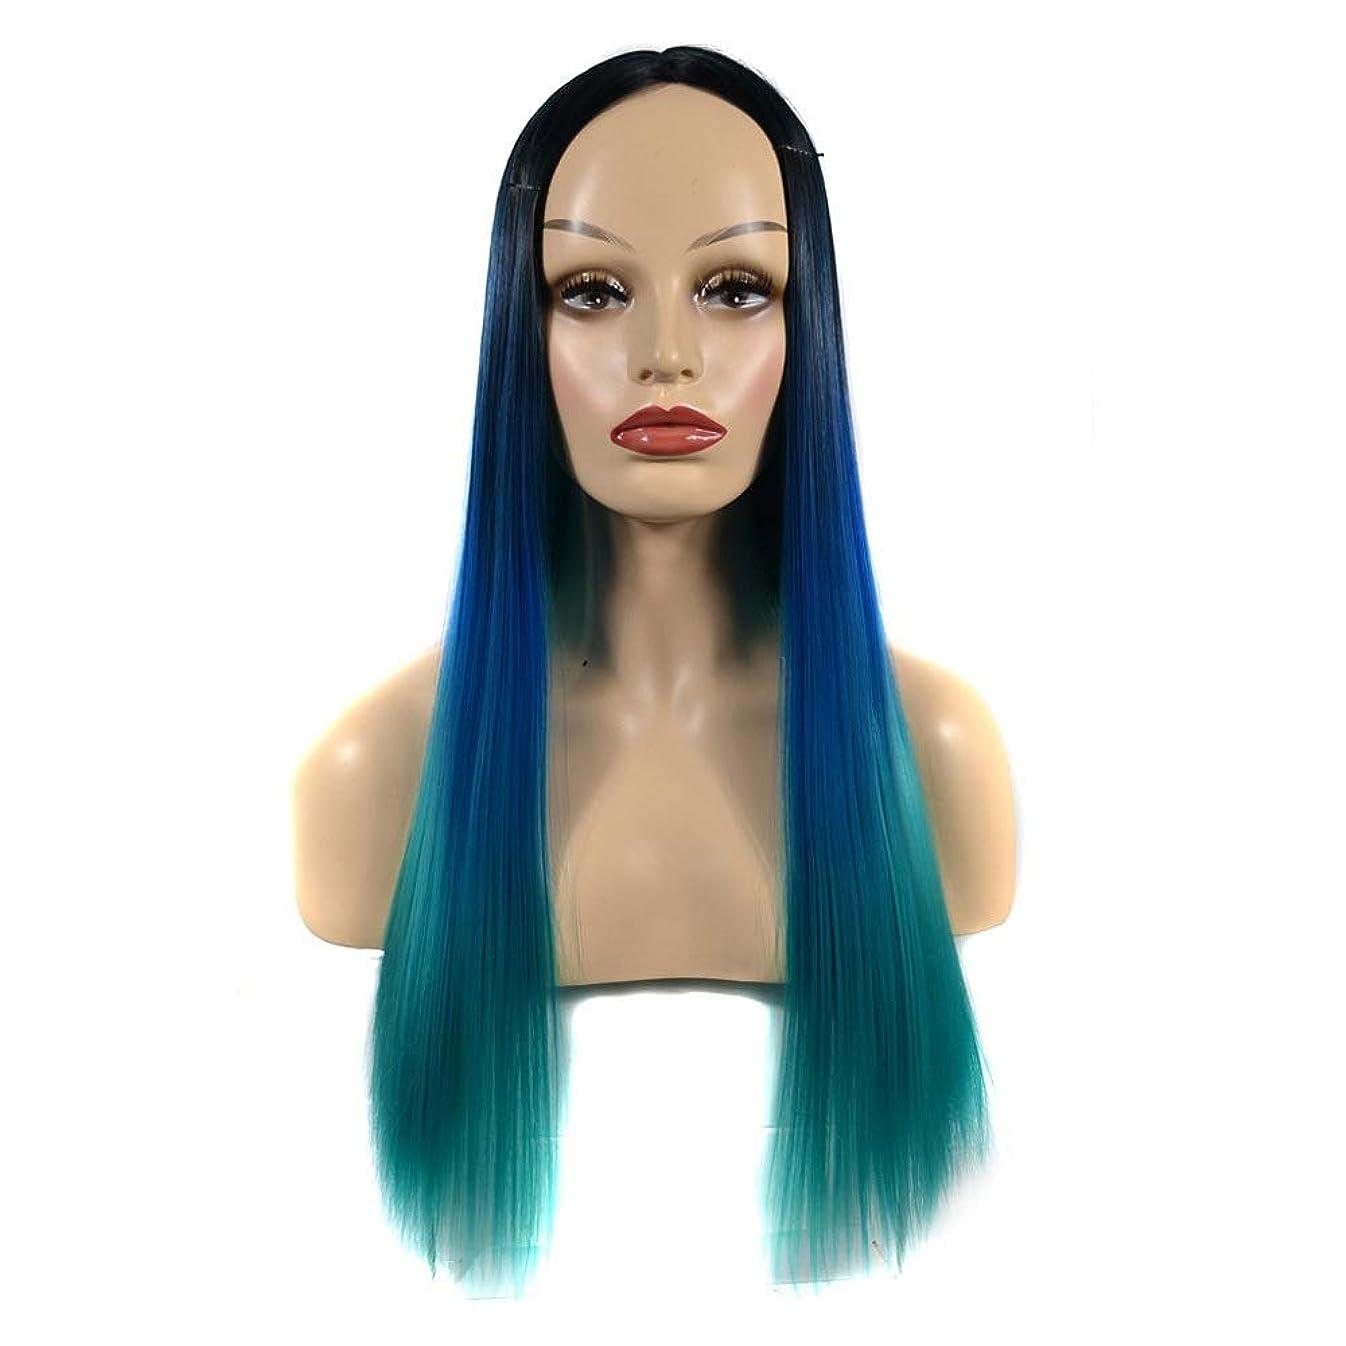 オセアニアラッドヤードキップリング親BOBIDYEE 女性のストレートフルウィッグロングピーコックグリーンヘアウィッグエレガントなレディパーティーデイリードレスパーティーウィッグ (色 : オレンジ, サイズ : 60cm)